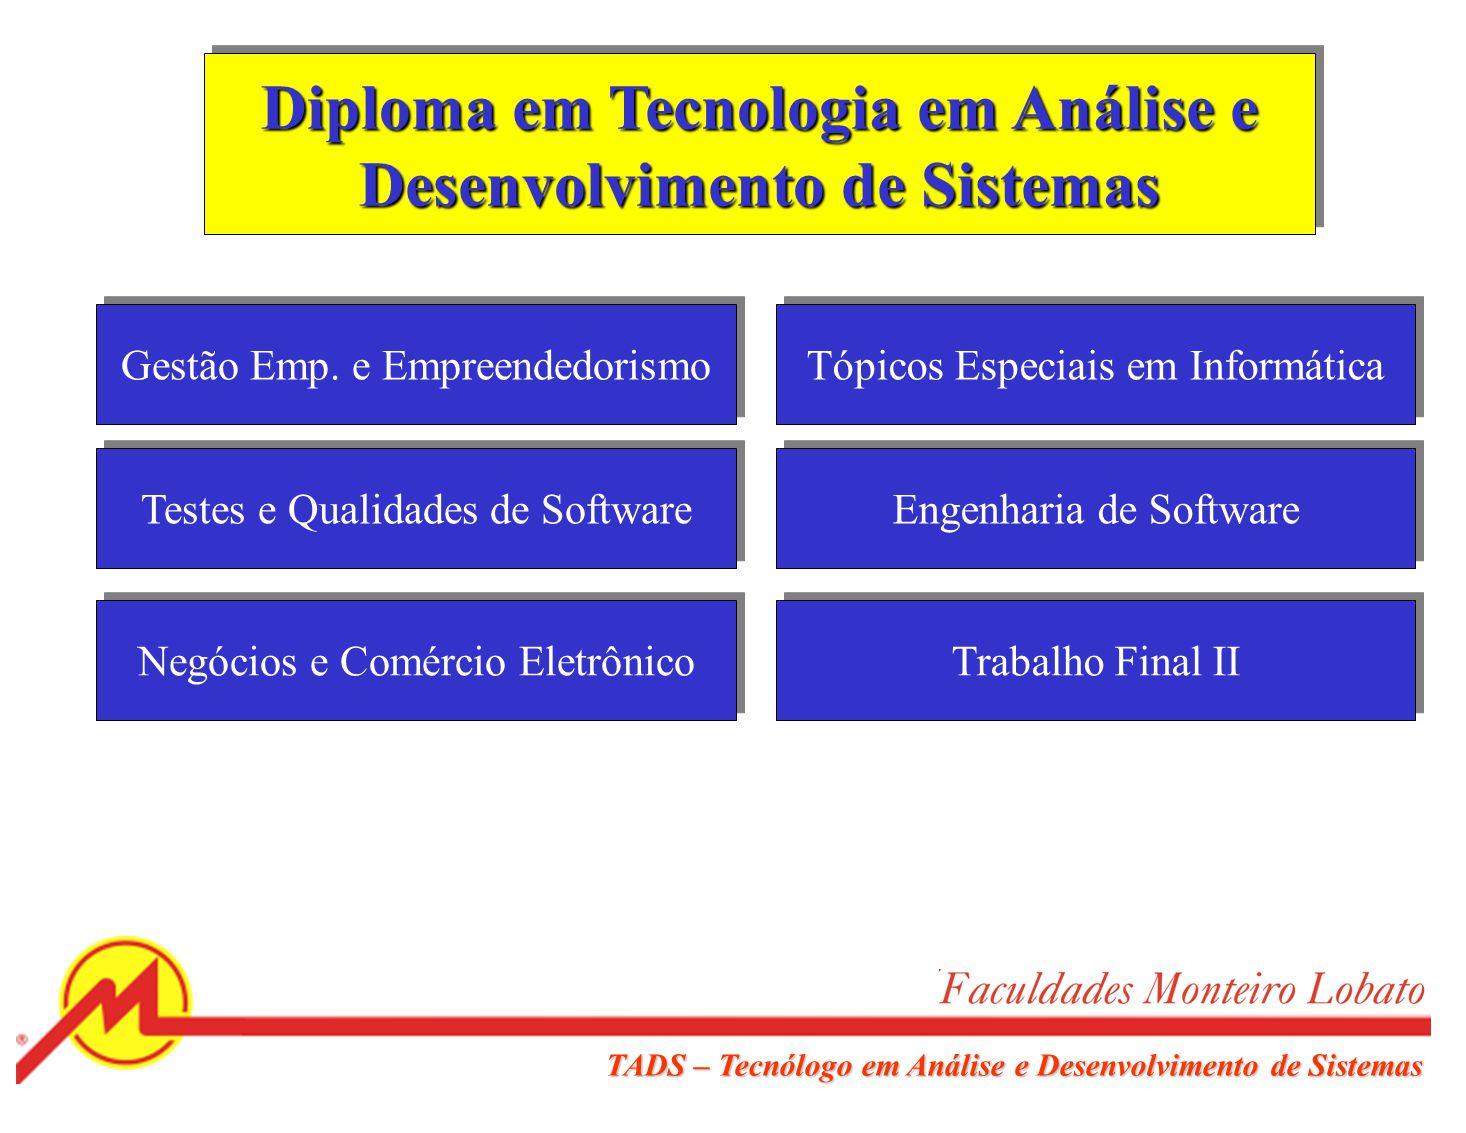 Diploma em Tecnologia em Análise e Desenvolvimento de Sistemas